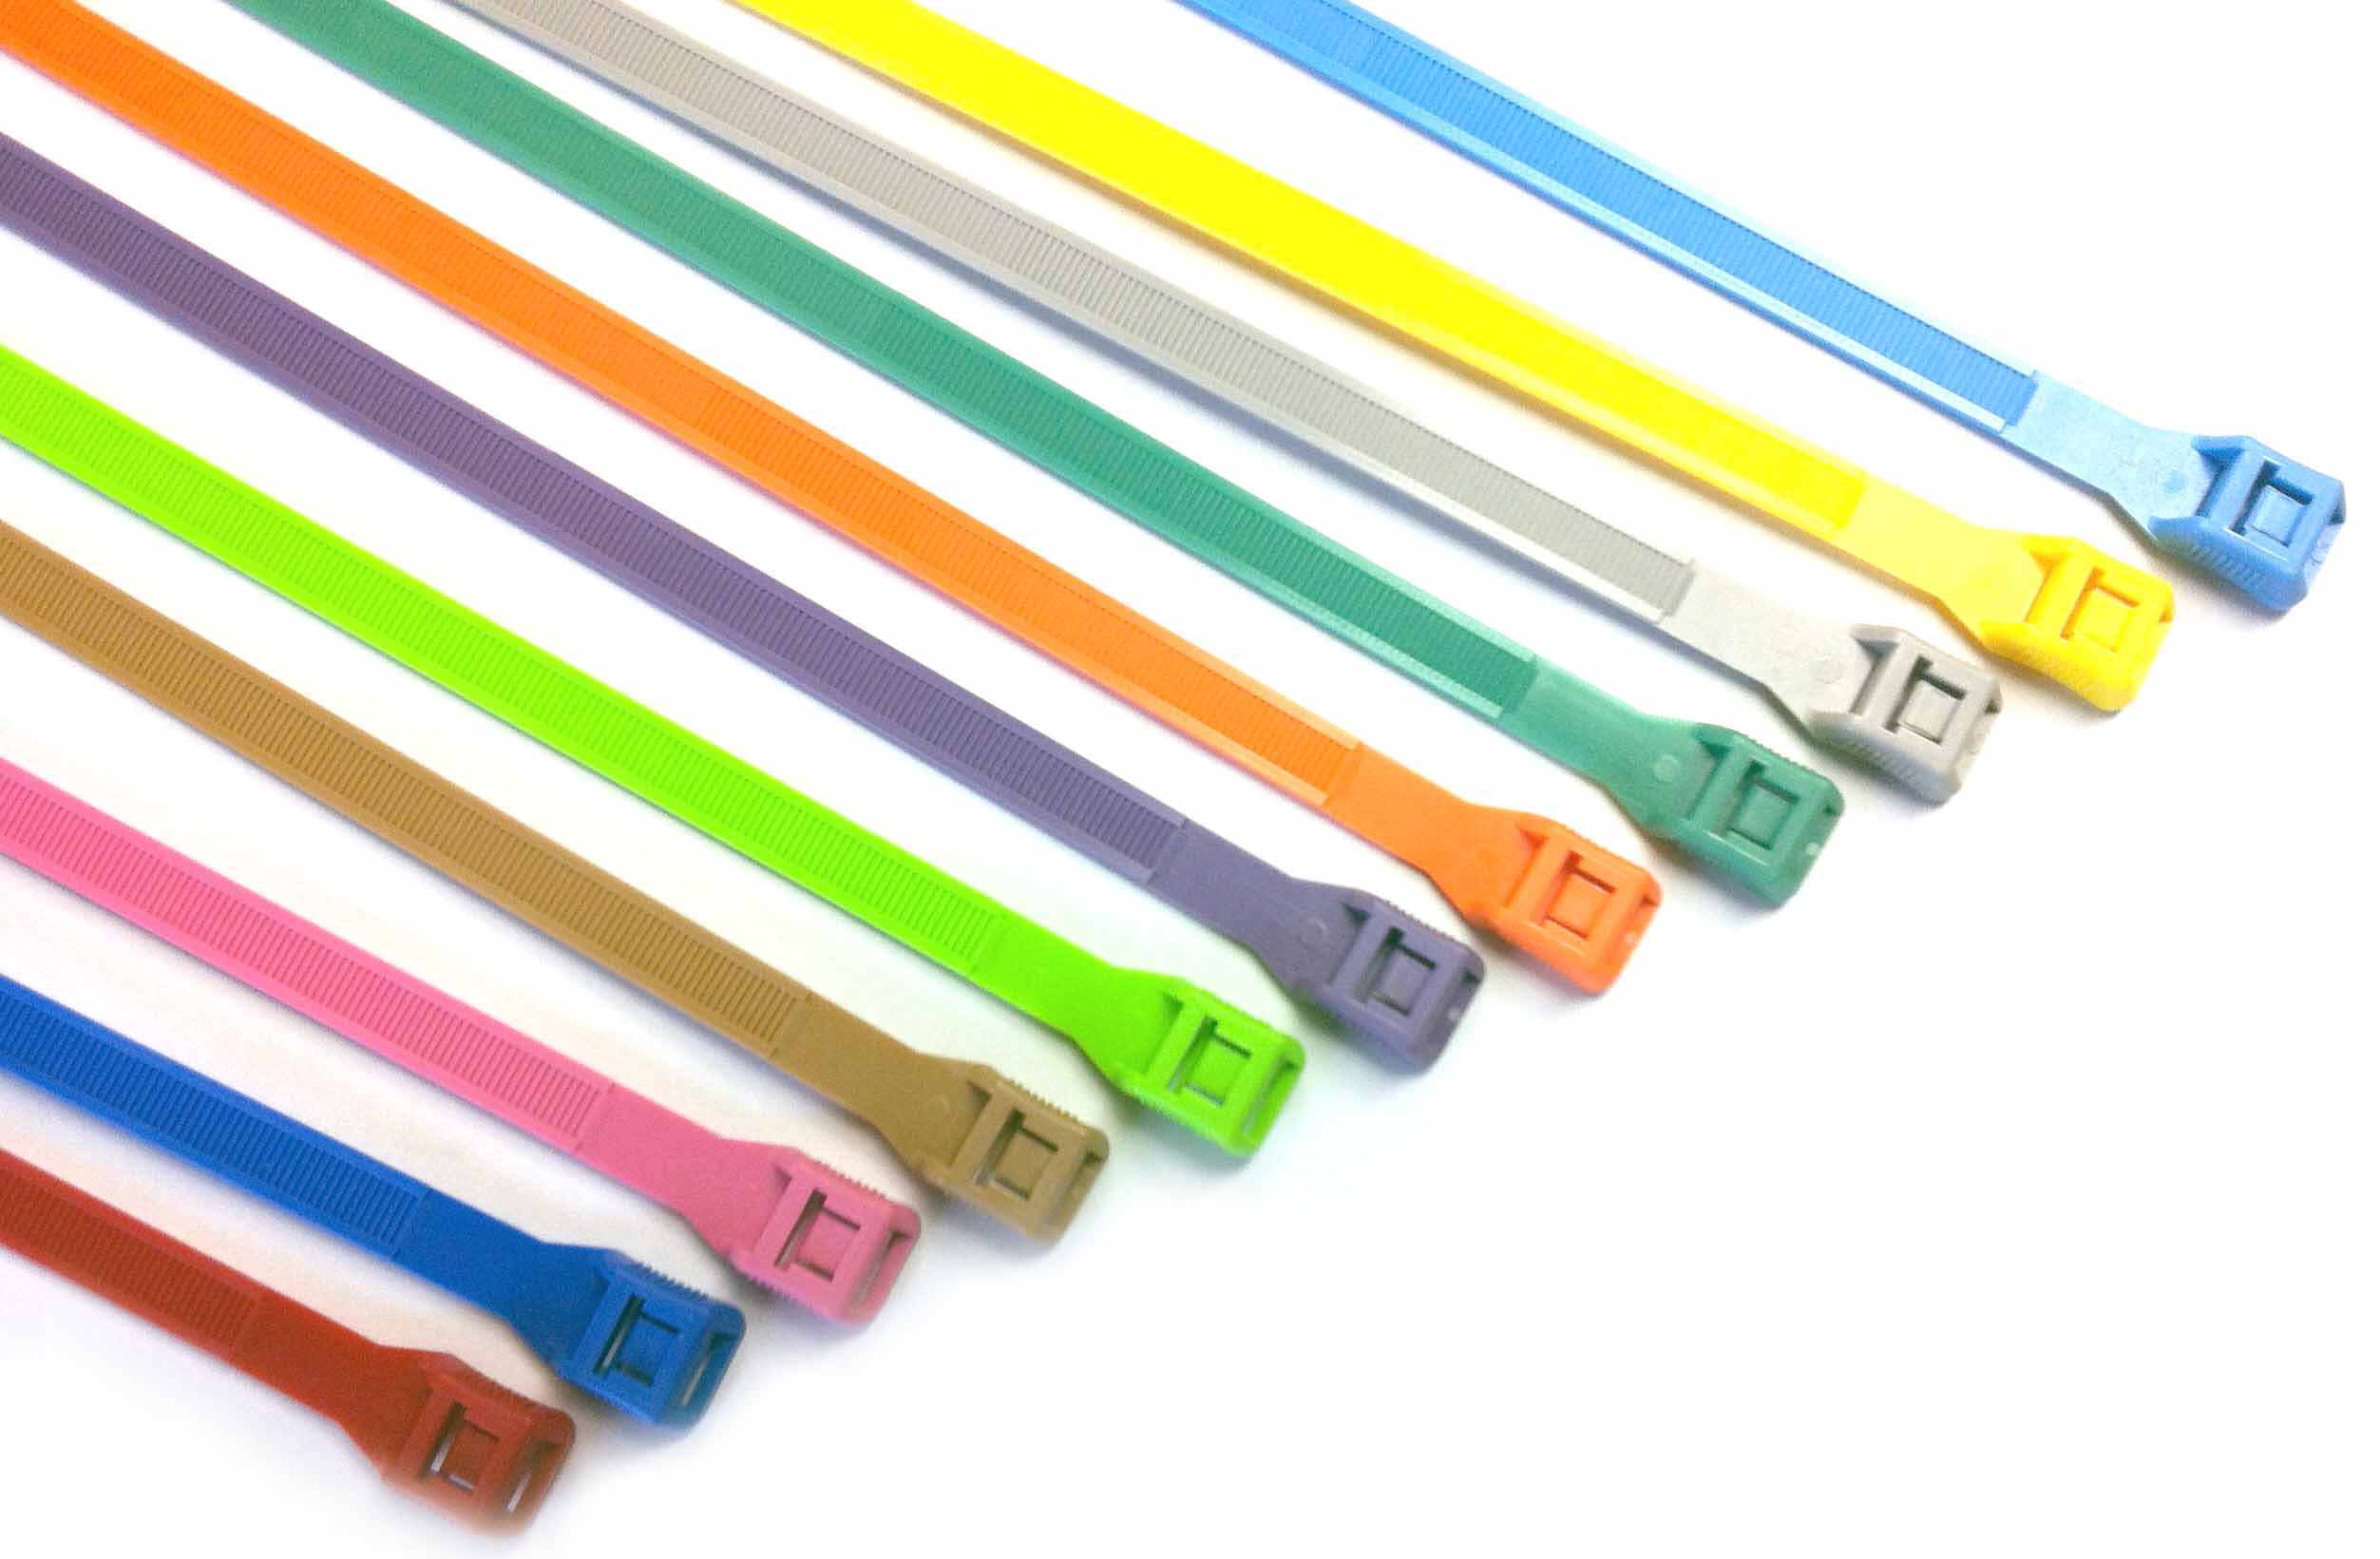 100 قطعة/المجموعة 3*100 مللي متر الذاتي قفل النايلون كابل العلاقات 12 اللون البلاستيك كابل البريدي التعادل سلك ربط التفاف الأشرطة السحابة هوك حلقة